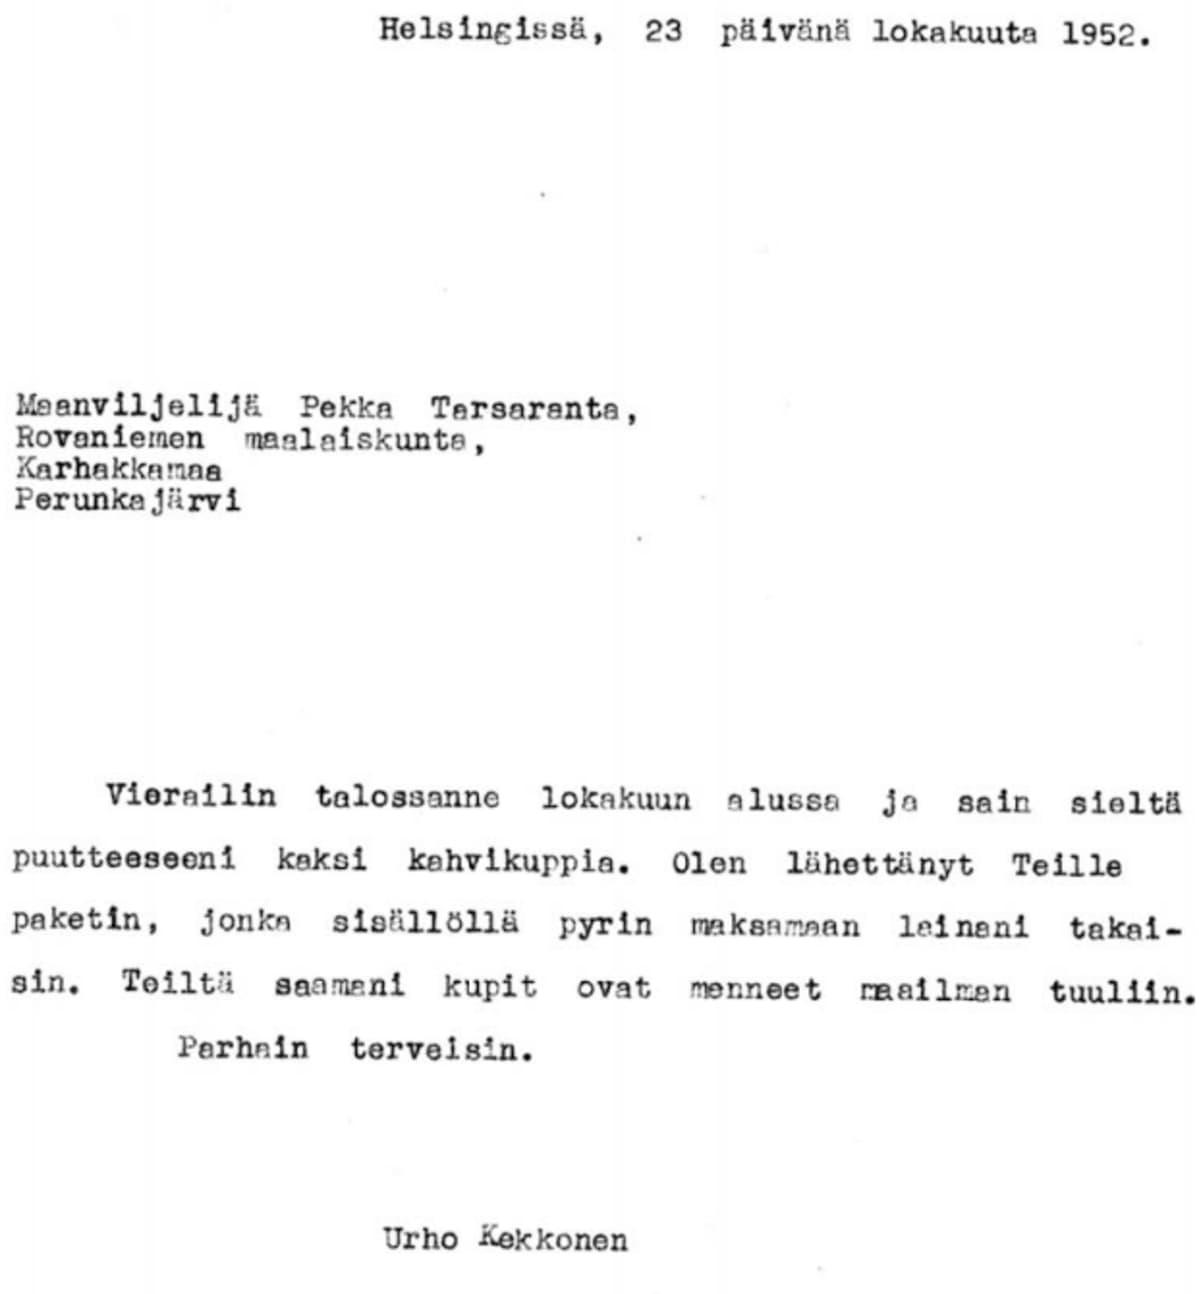 Urho Kekkosen kirje